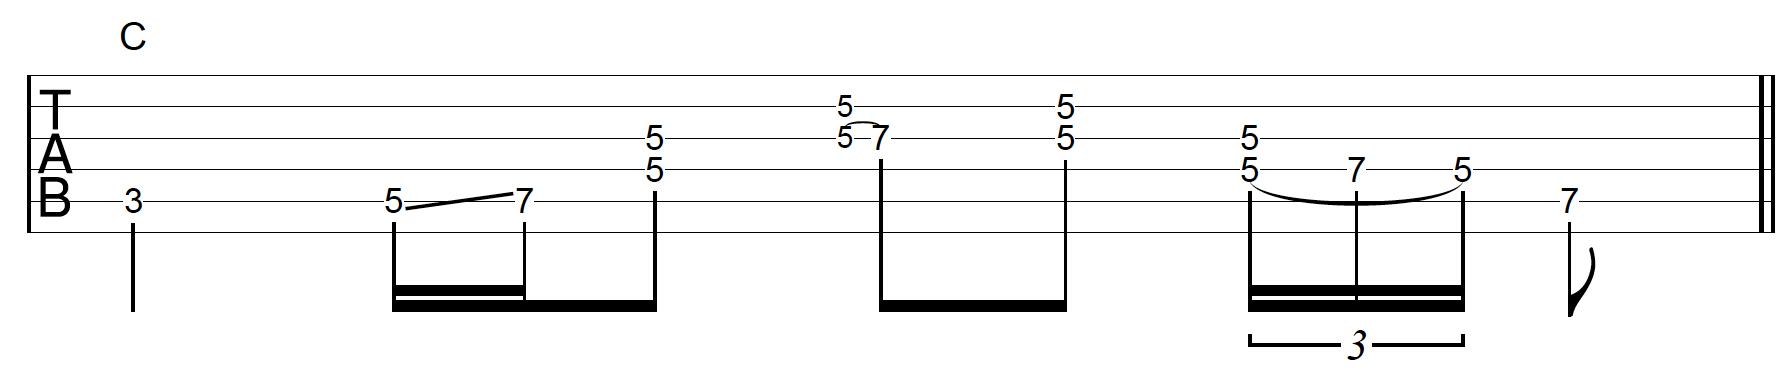 Rhythm Guitar Chord Fill 1